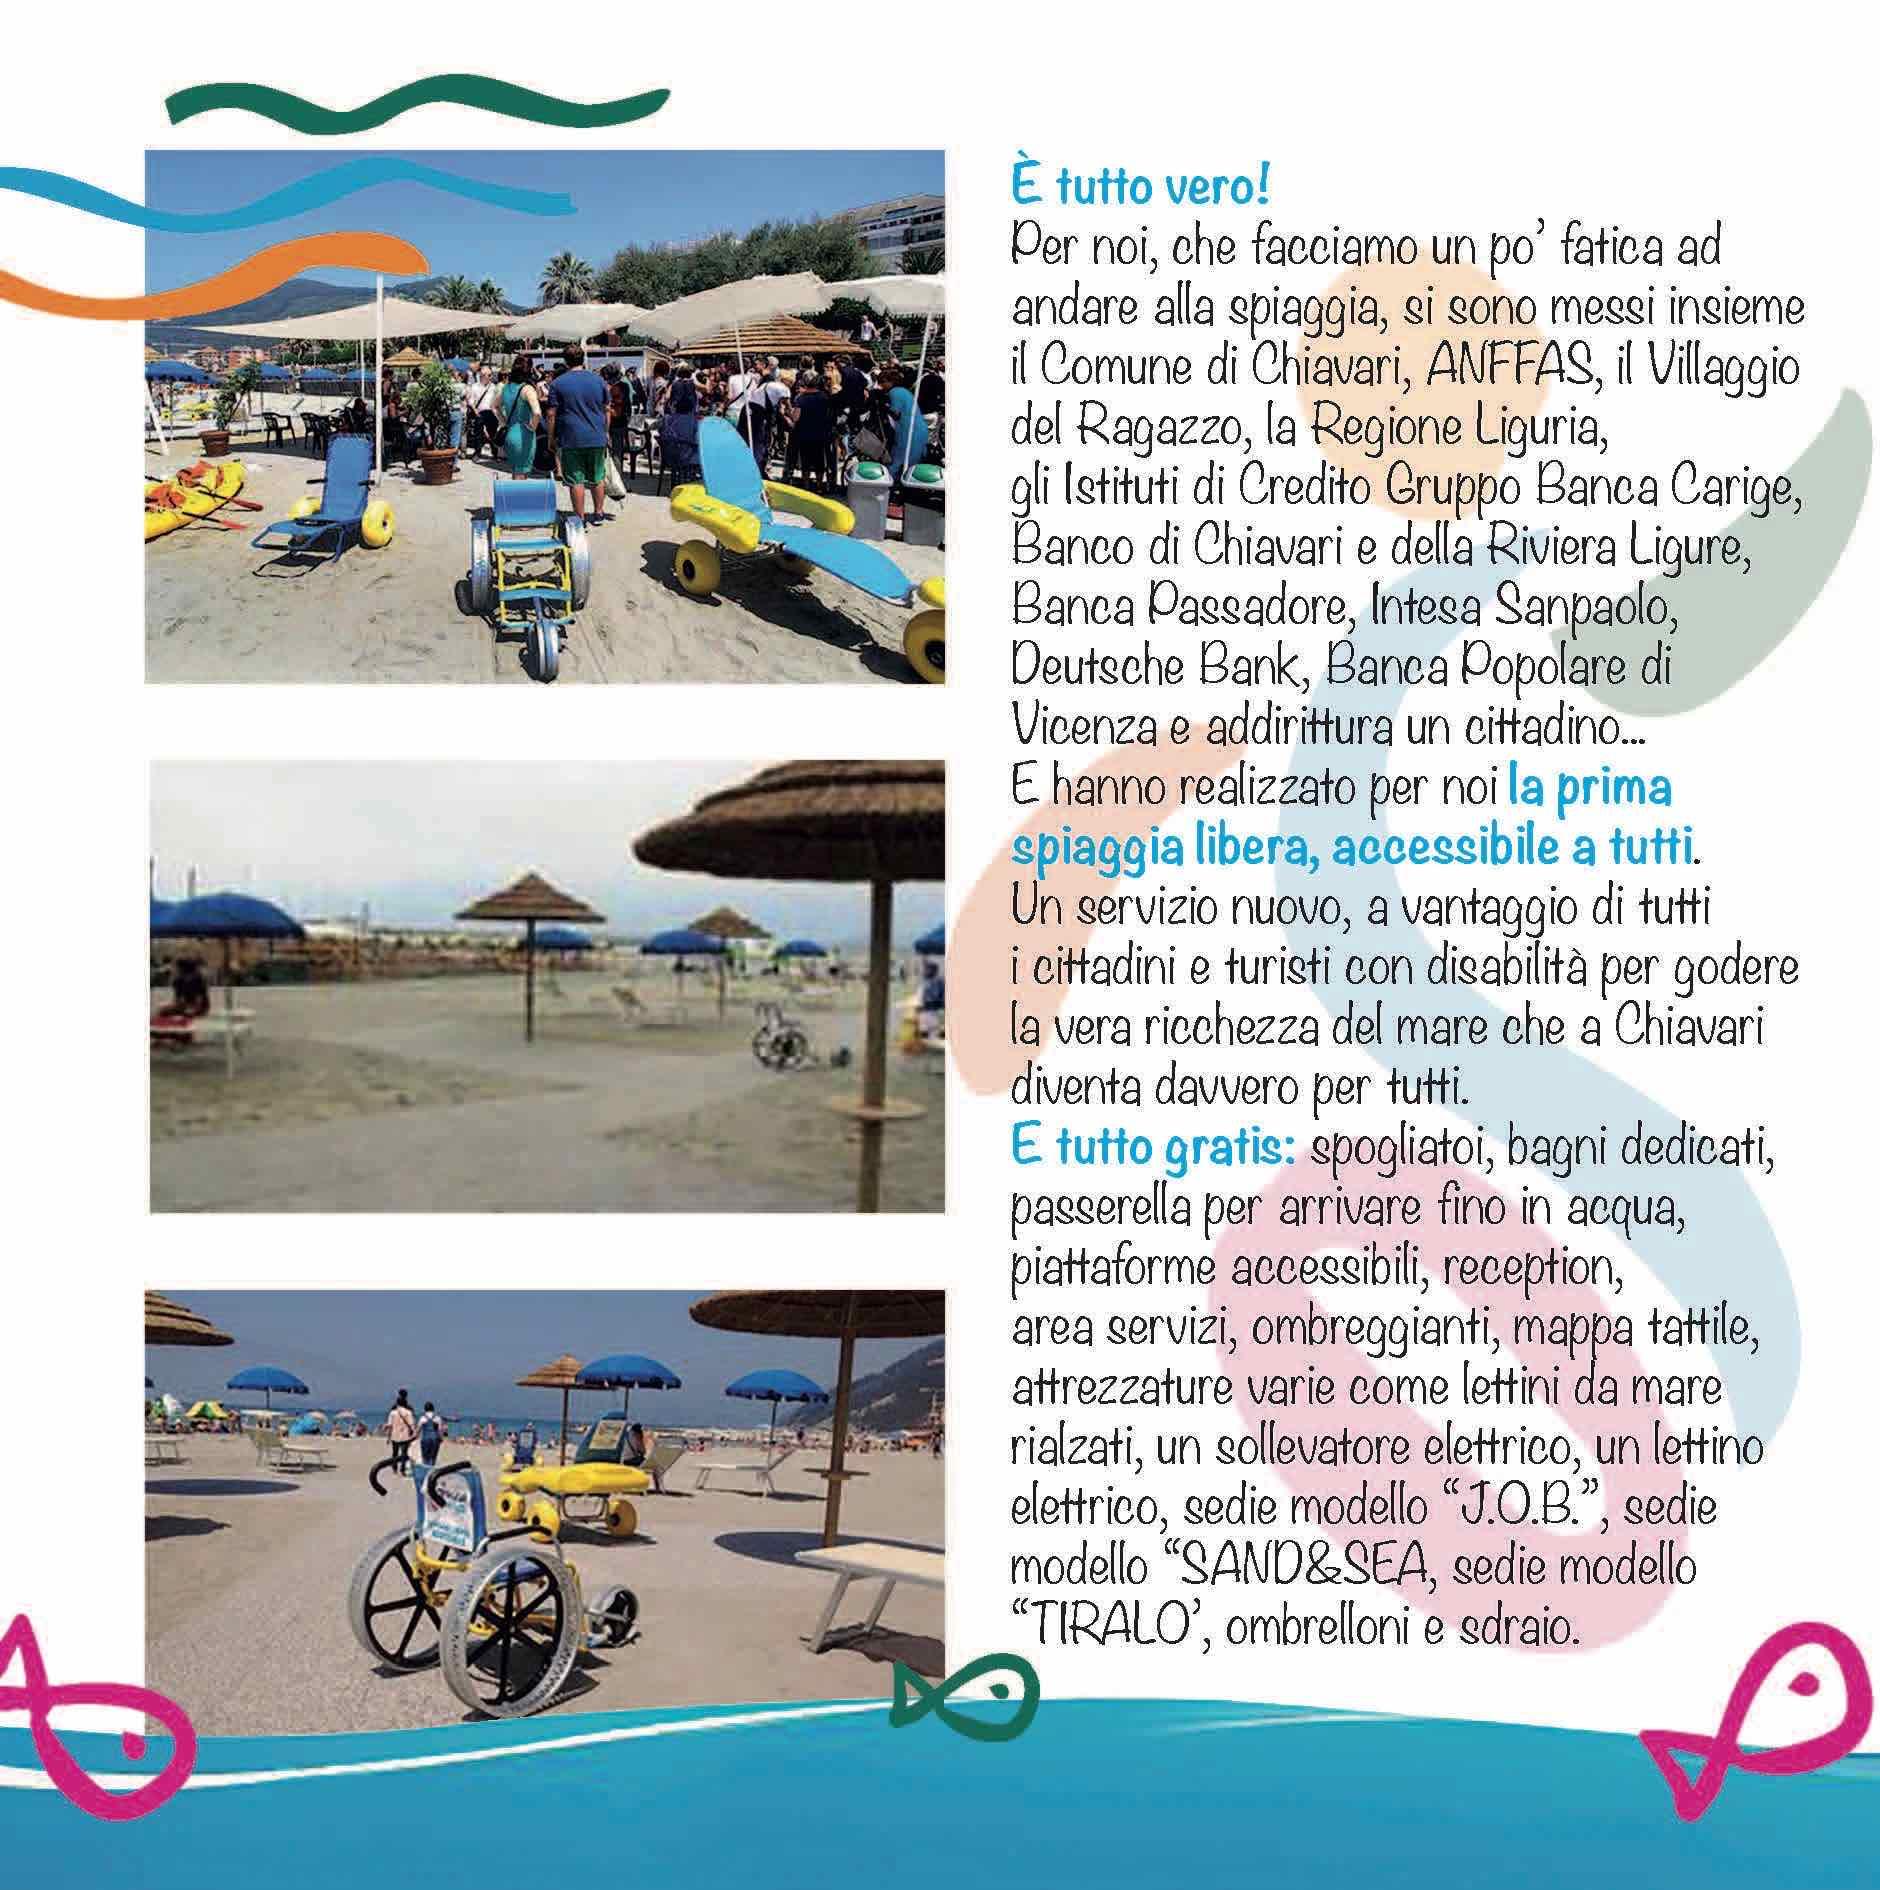 la-spiaggia-per-tutti-brochure-02